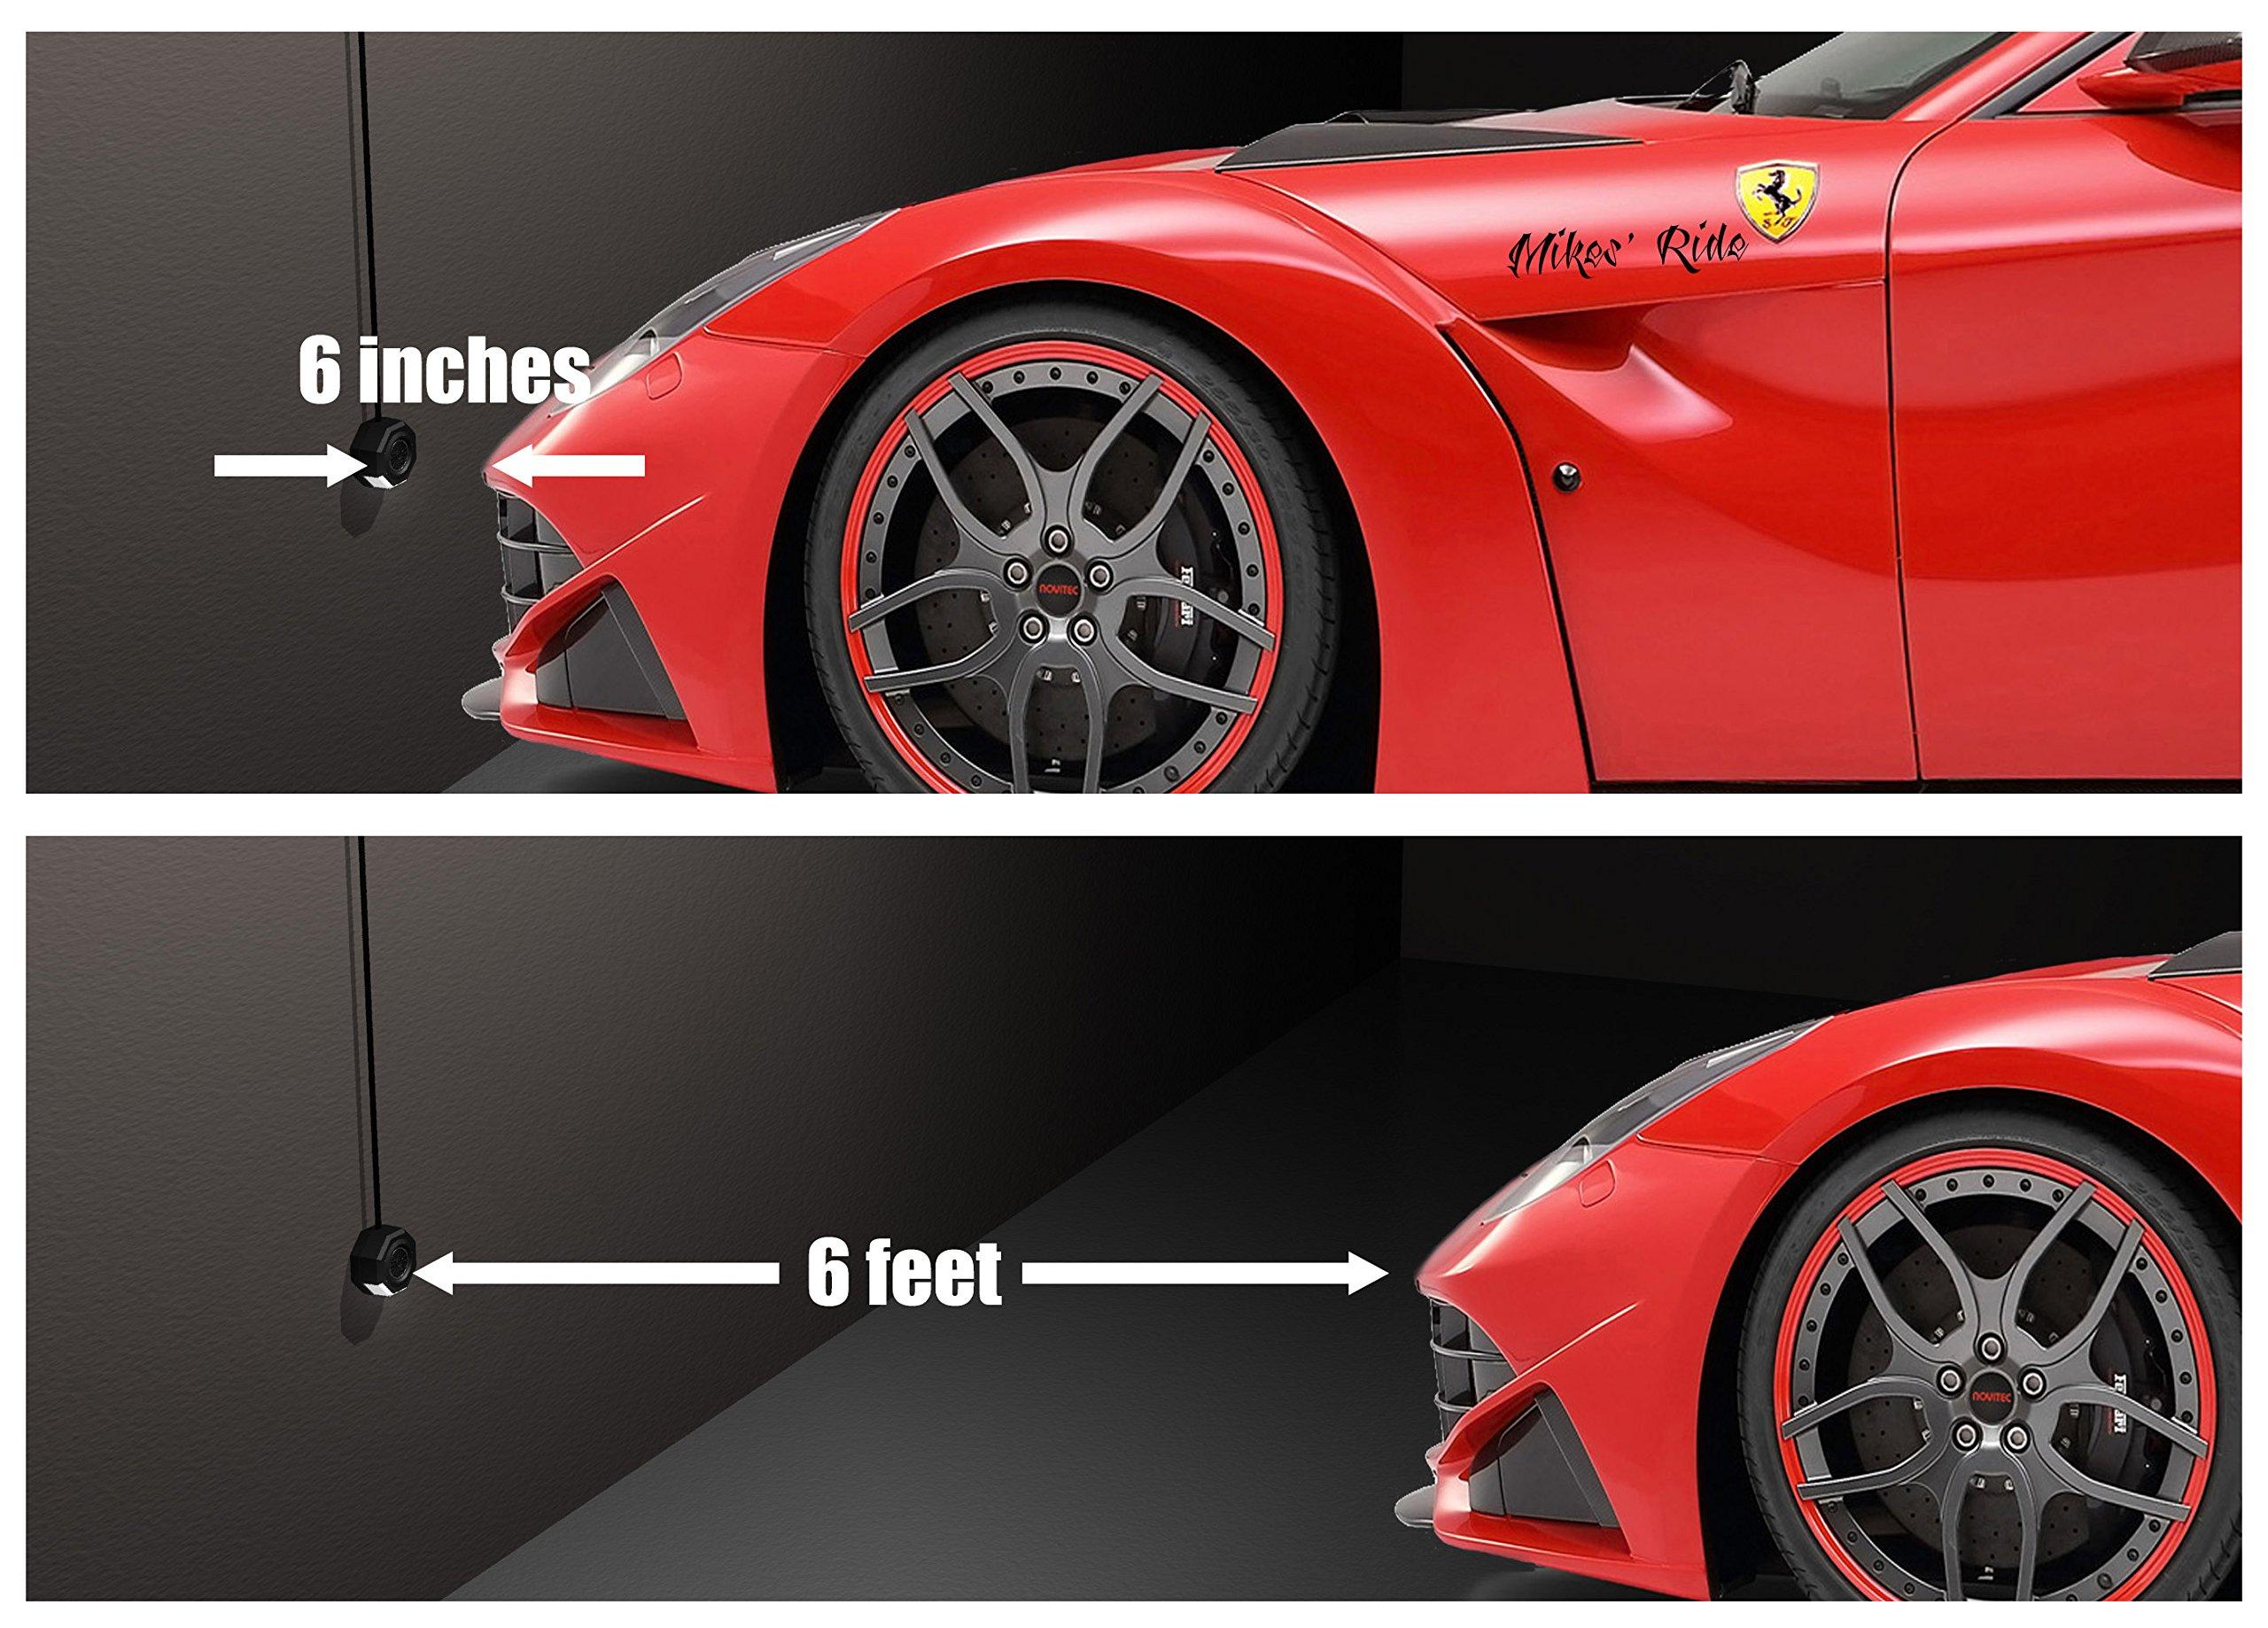 Striker Adjustable Garage Parking Sensor - Parking Aid by Striker Concepts (Image #4)